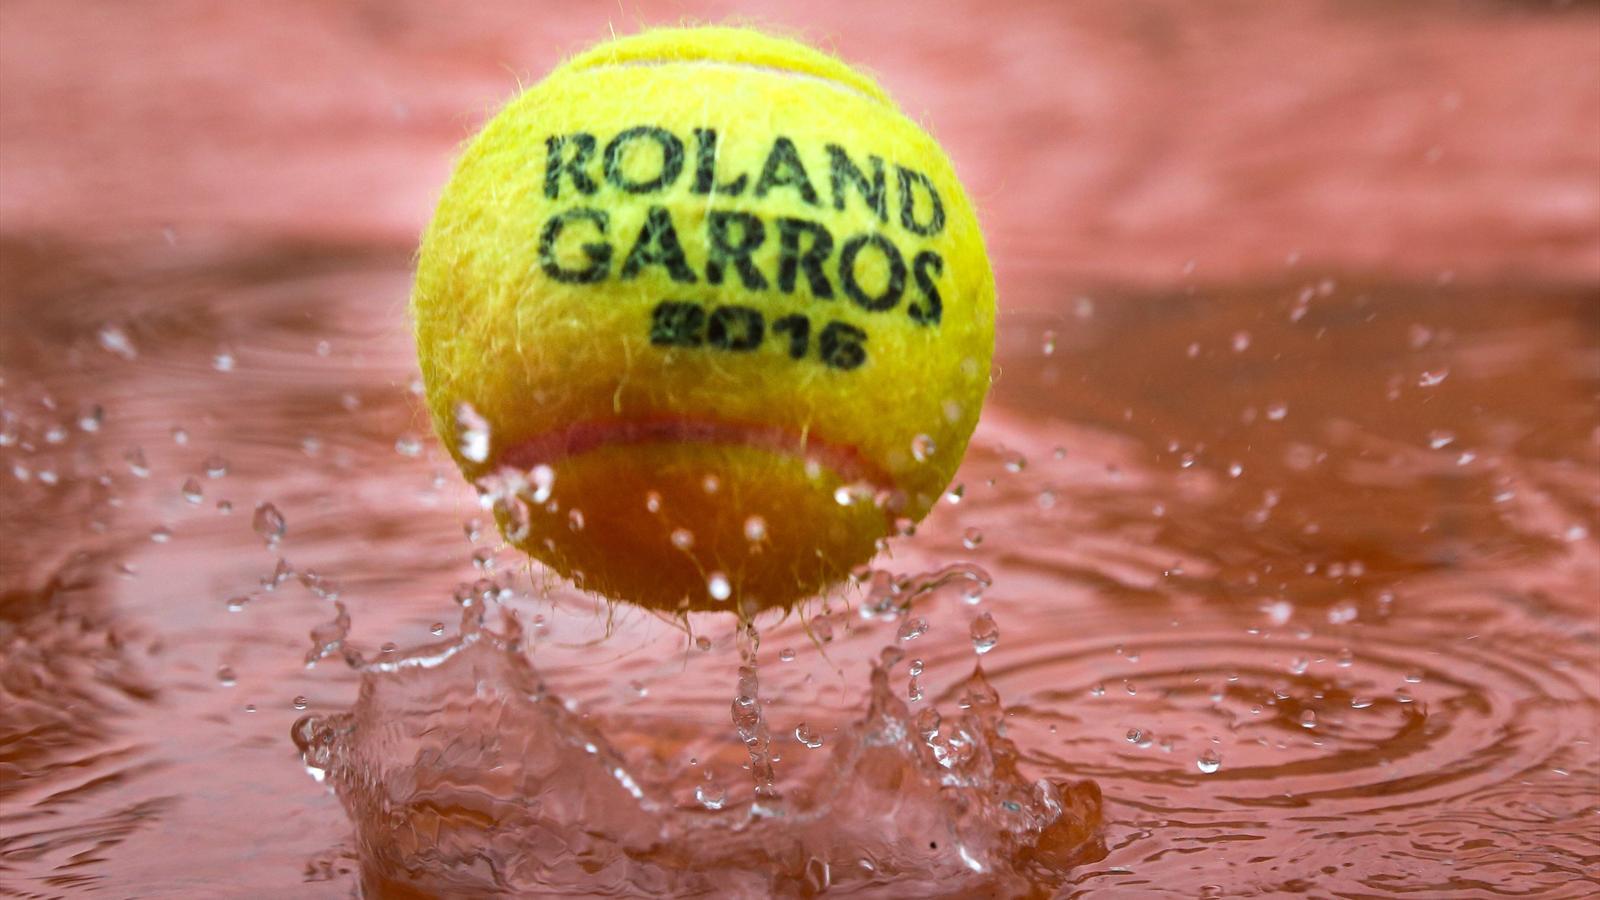 Roland Garros 2016: Aplazada toda la jornada por la lluvia en París - Roland Garros Masculino ...